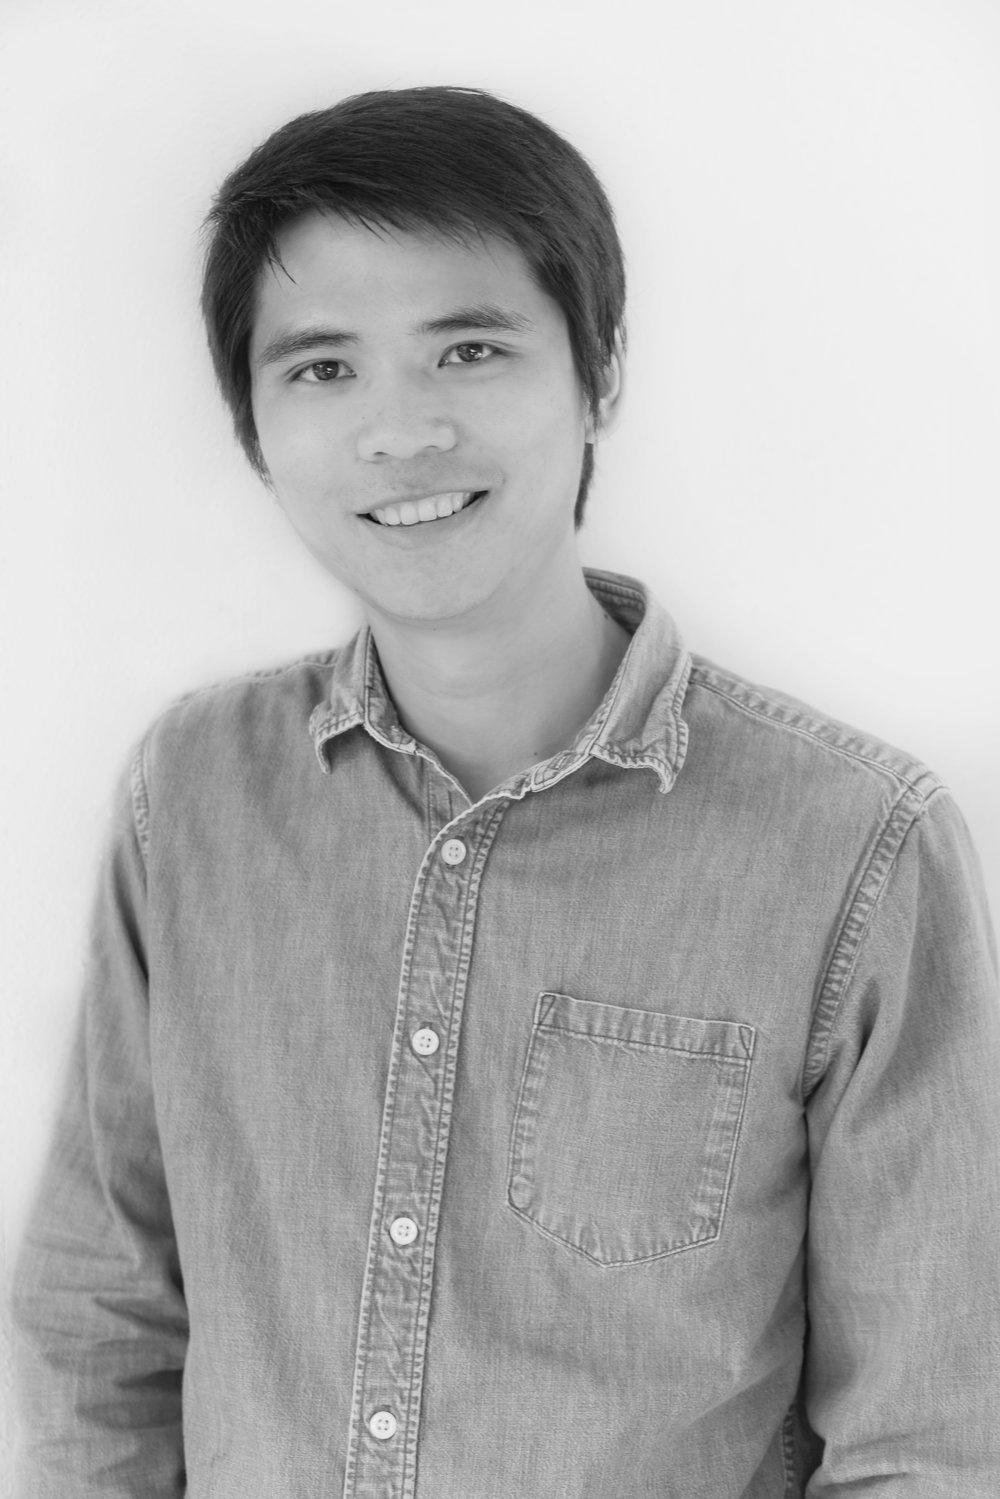 Weihao Liang